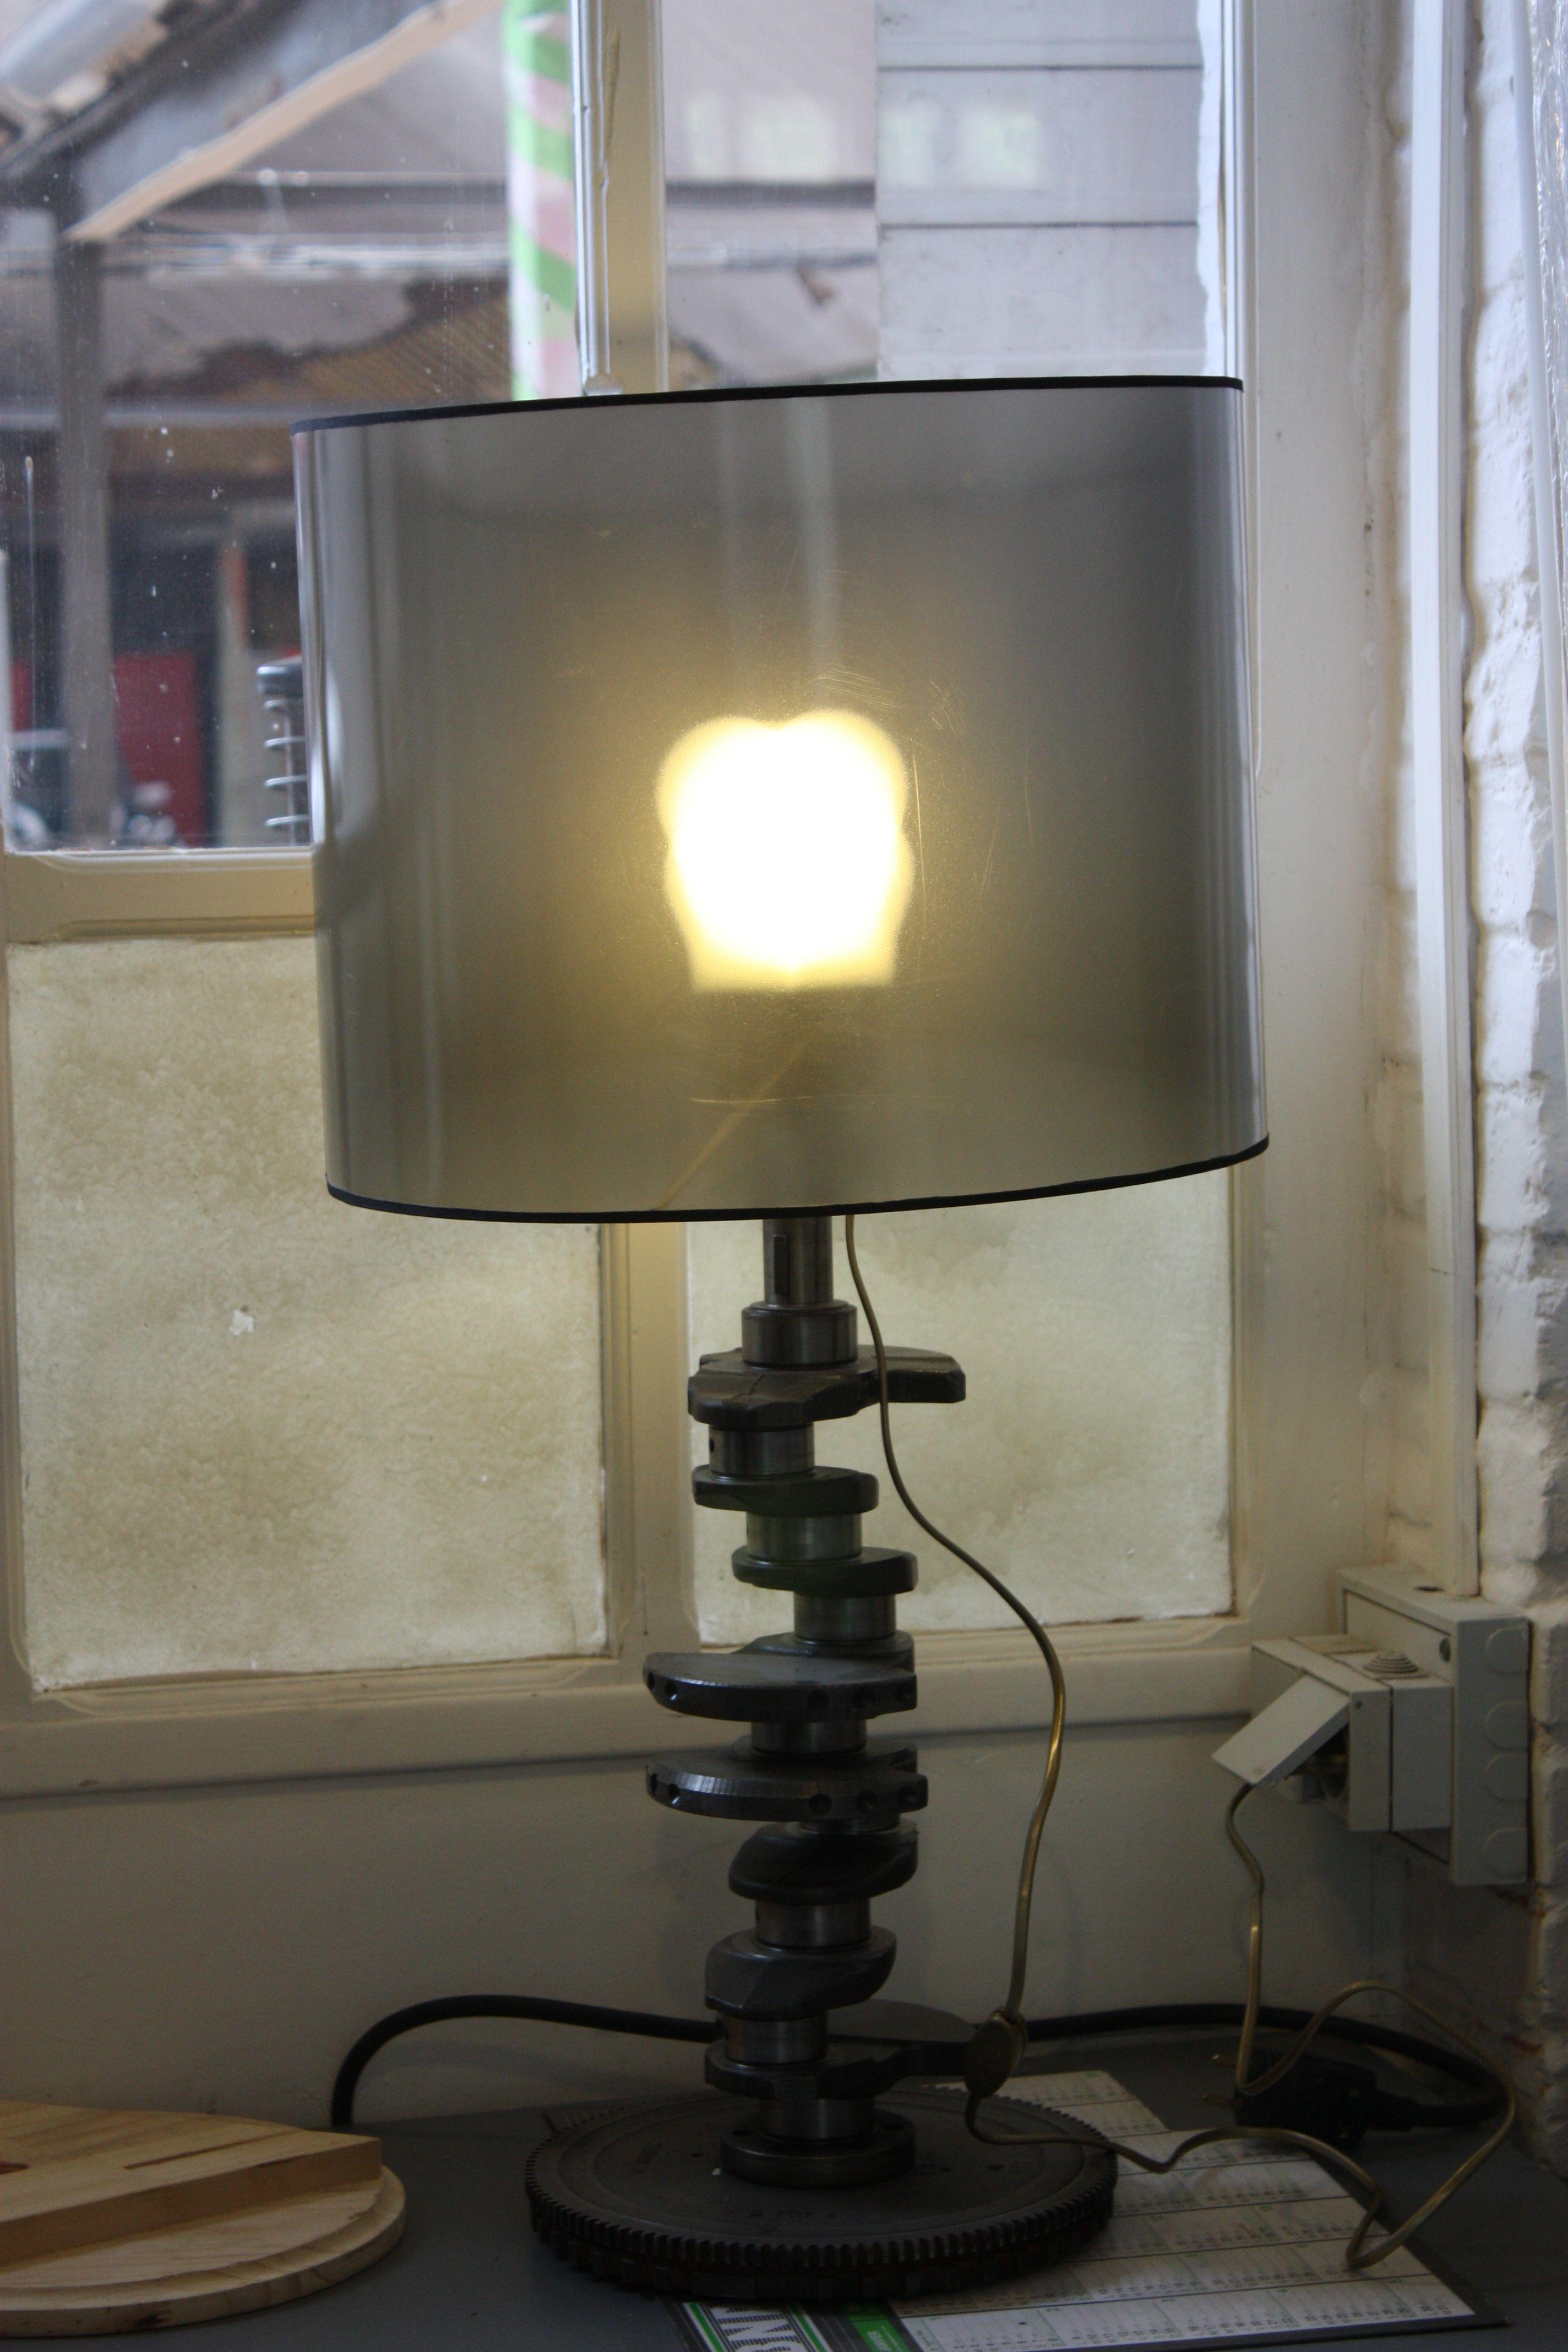 3cc8edd17747de14a1edb98f788b6b15 Faszinierend Up Down Lampe Dekorationen